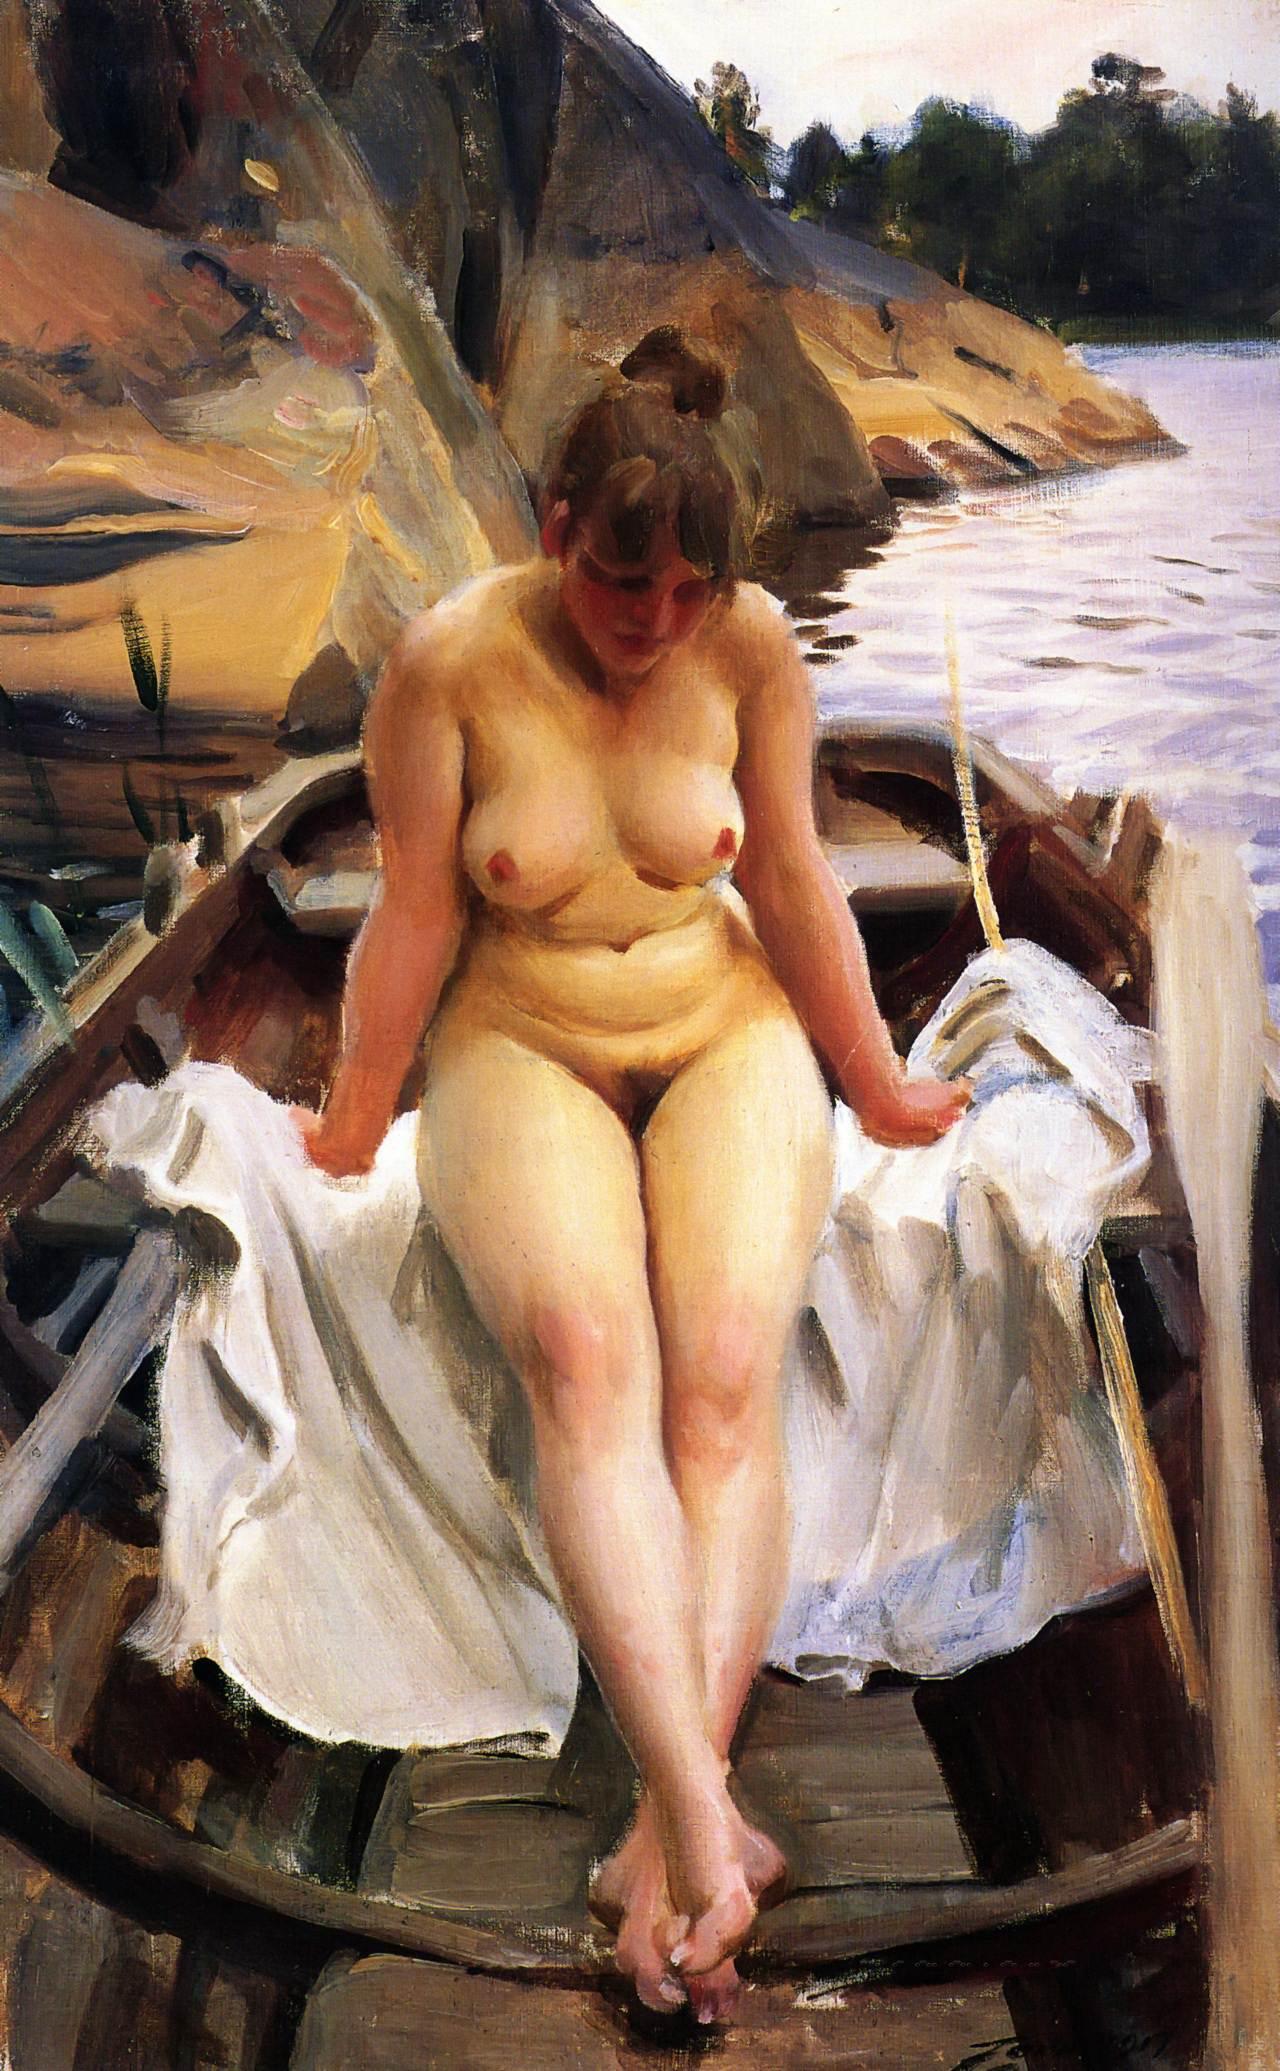 Anders Leonard Zorn. 1860-1920. В лодке Вернера. 1917. Частная коллекция